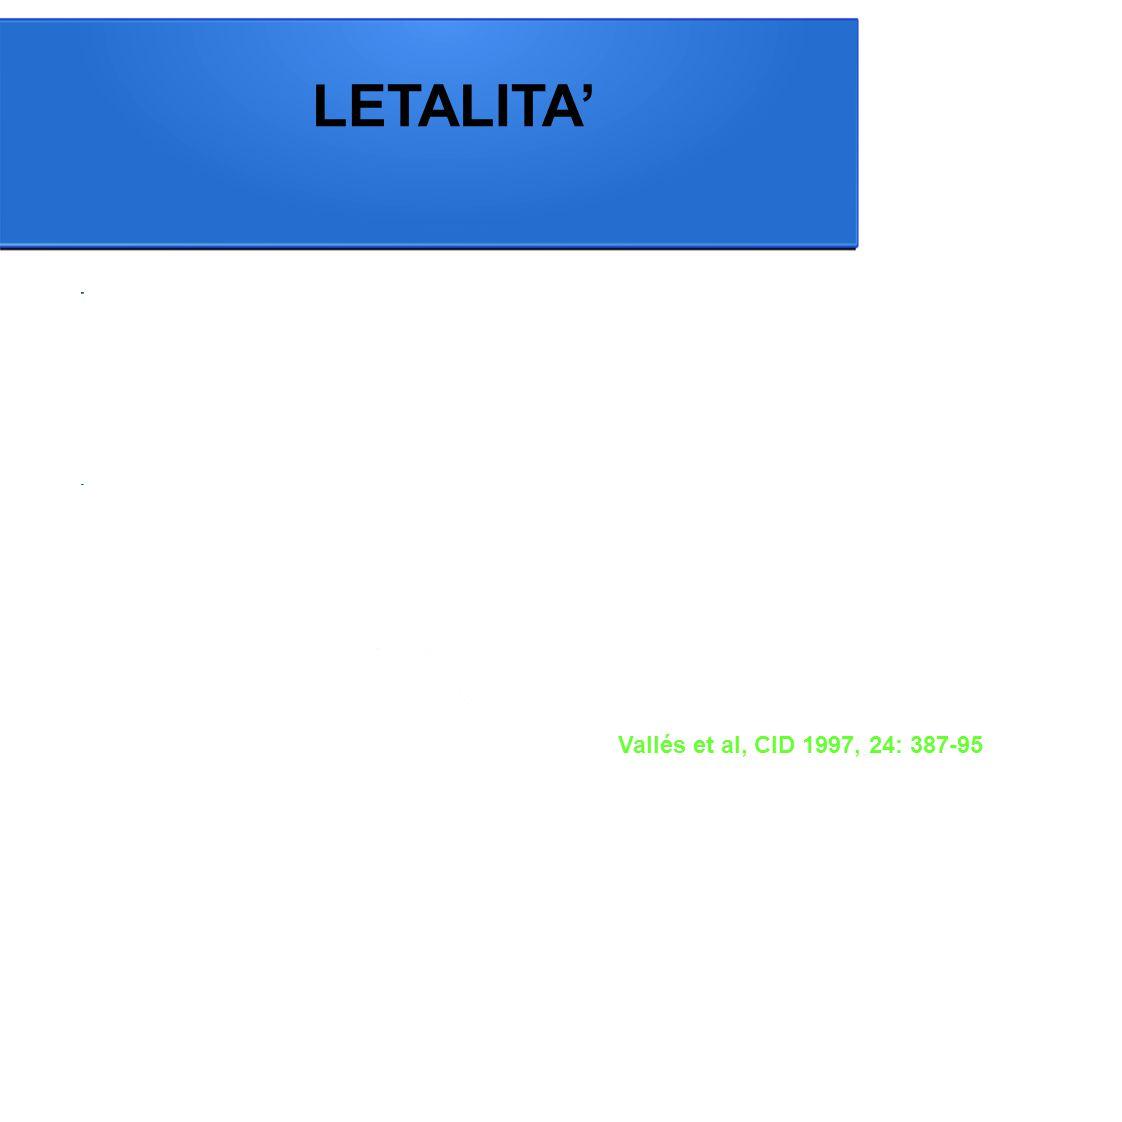 Vallés et al, CID 1997, 24: 387-95 LETALITA'